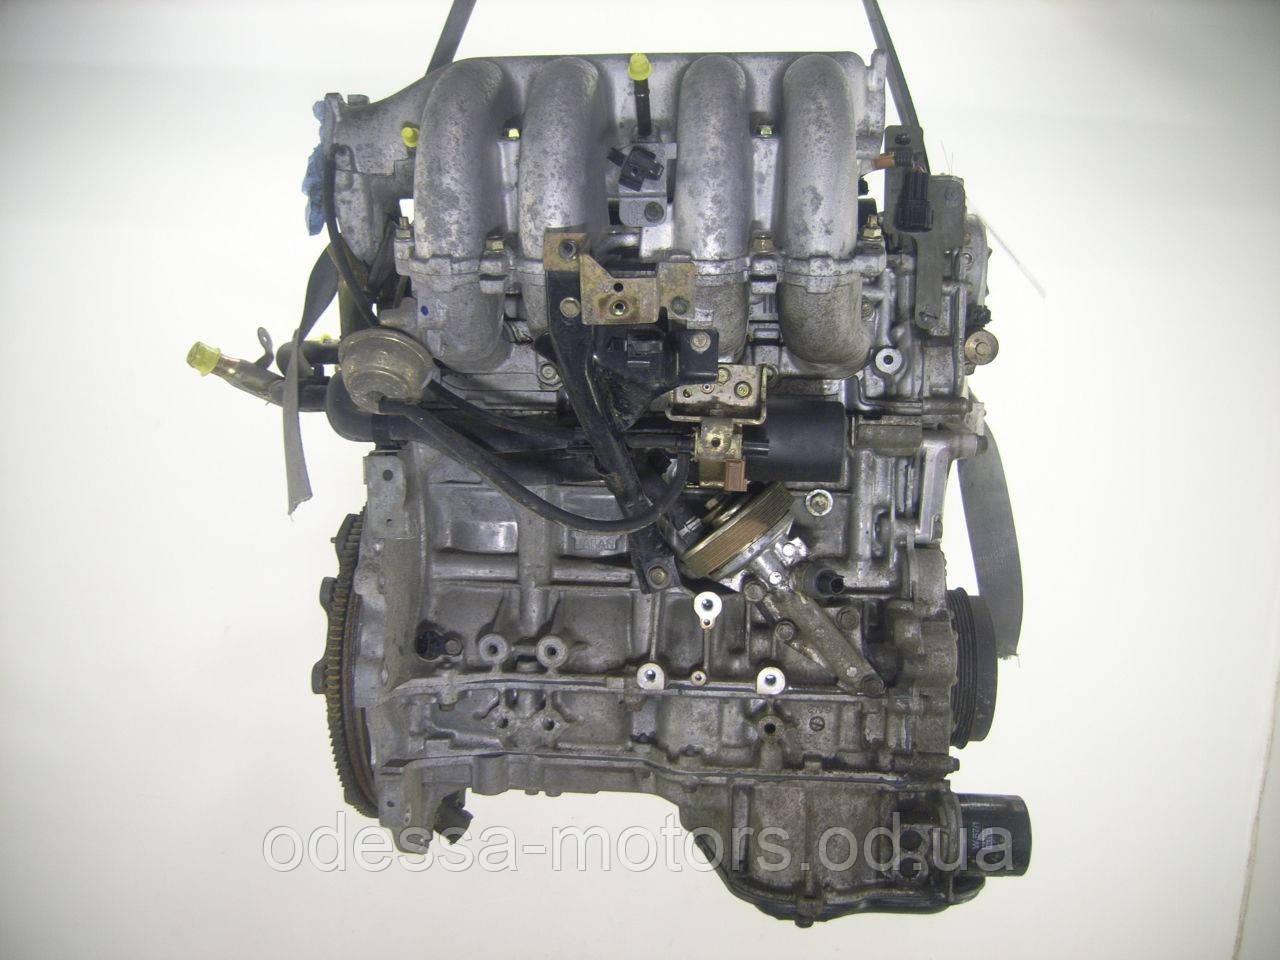 Двигатель Nissan X-Trail 2.5 4x4, 2002-2013 тип мотора QR25DE